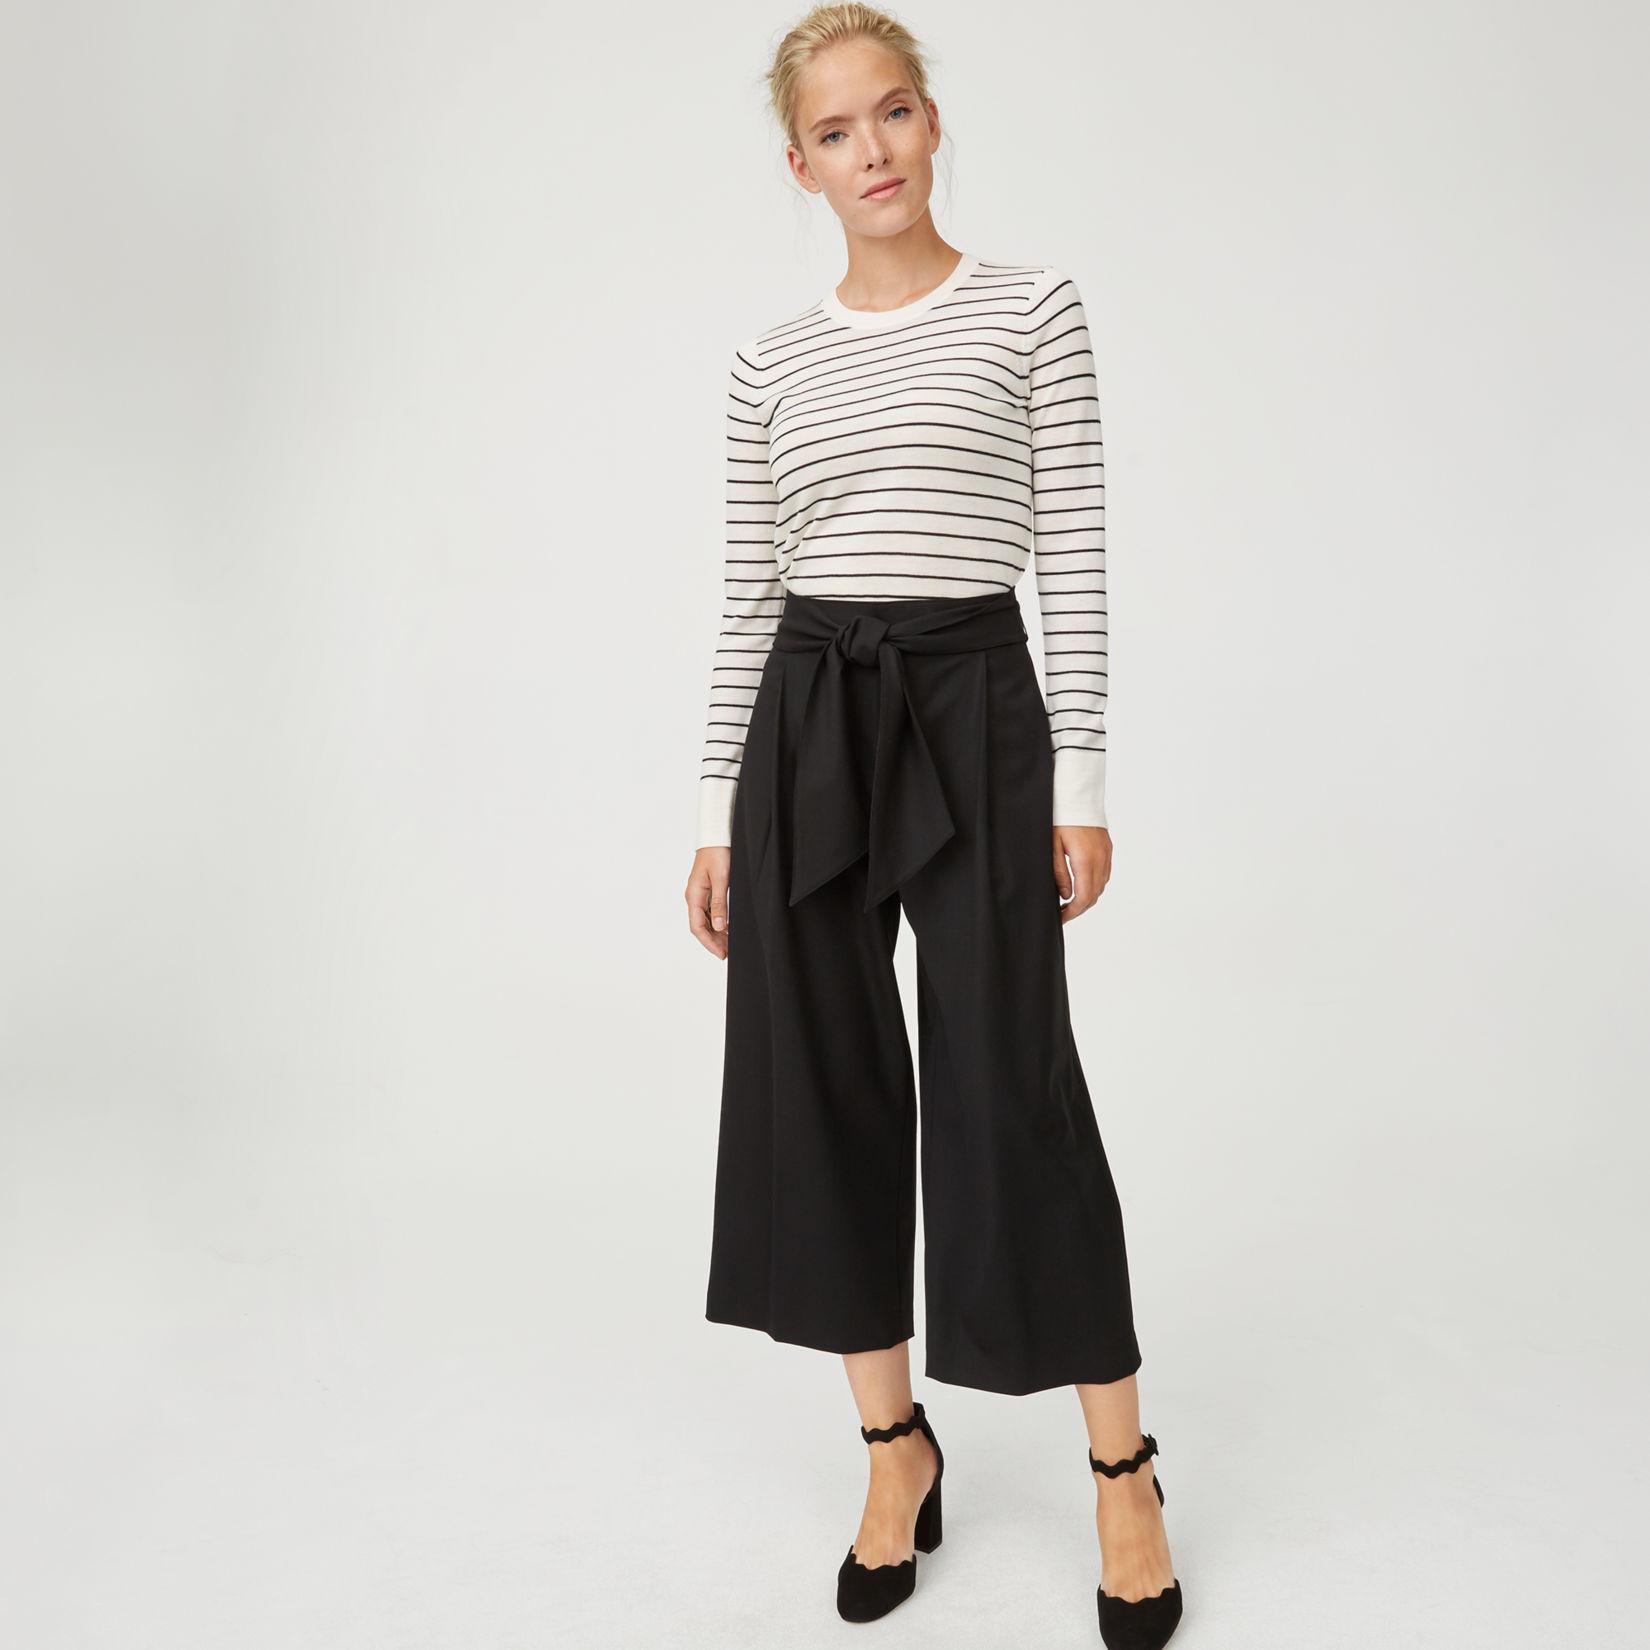 Women | Sale | Sweaters | Club Monaco